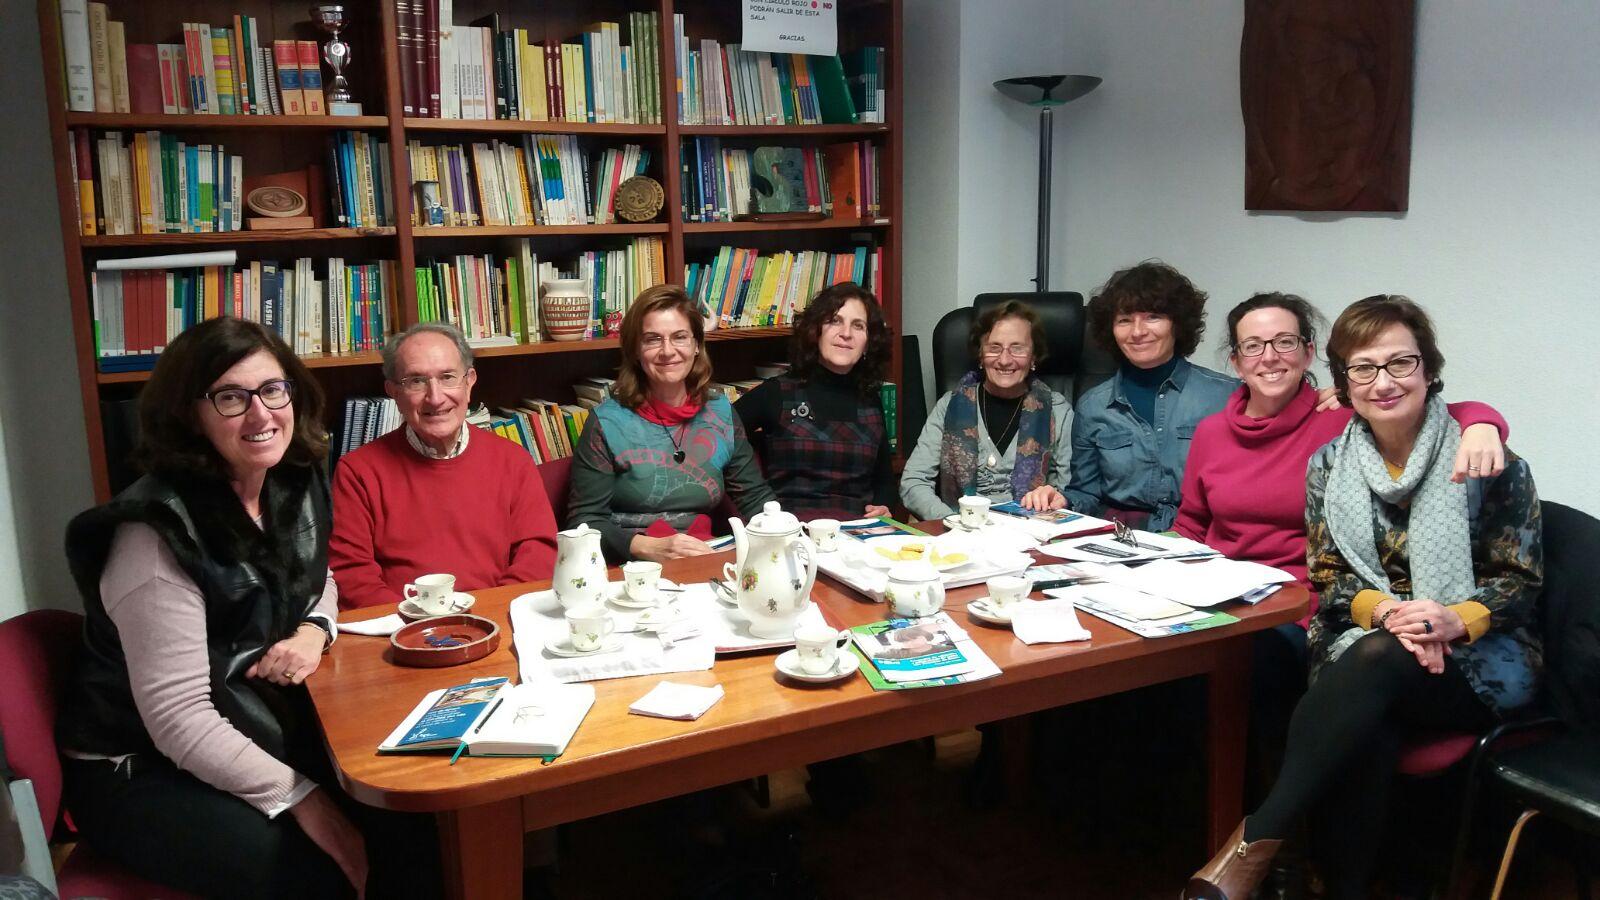 Miembros de la Red el Hueco de mi Vientre en la Fundación Sind de Down de Cantabria (Junto a Jesús F, Mª Victoria T y Elisa U). Febrero 2017